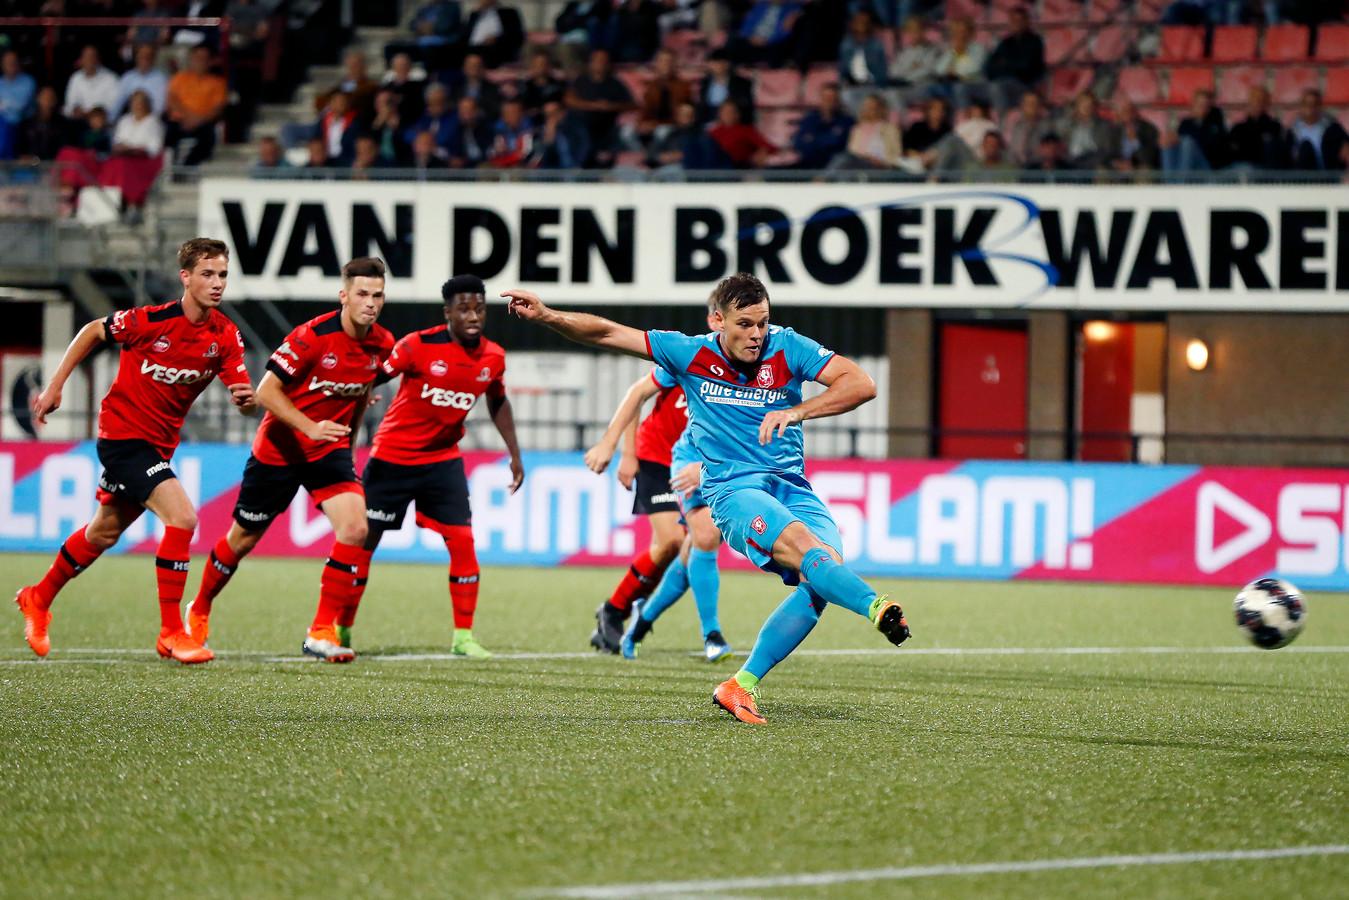 Twente speler Tom Boere scoort de penalty.